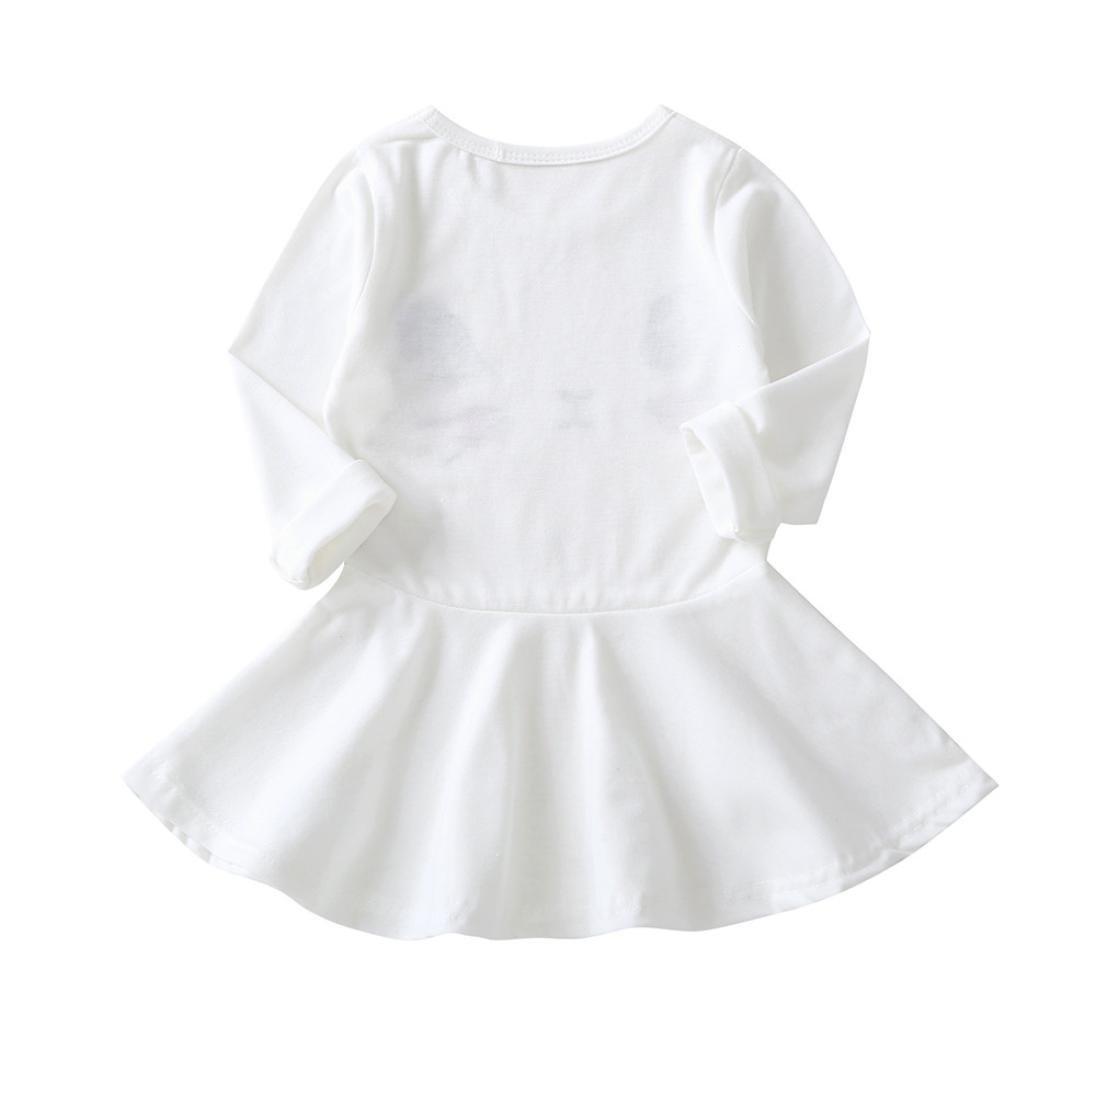 JiaMeng Ropa Ni?a de Oto?o Vestido de la Impresiš®n del Gato de los Ni?os de la Manga Larga Vestidos Ocasionales (BlancoB, 3T): Amazon.es: Ropa y accesorios